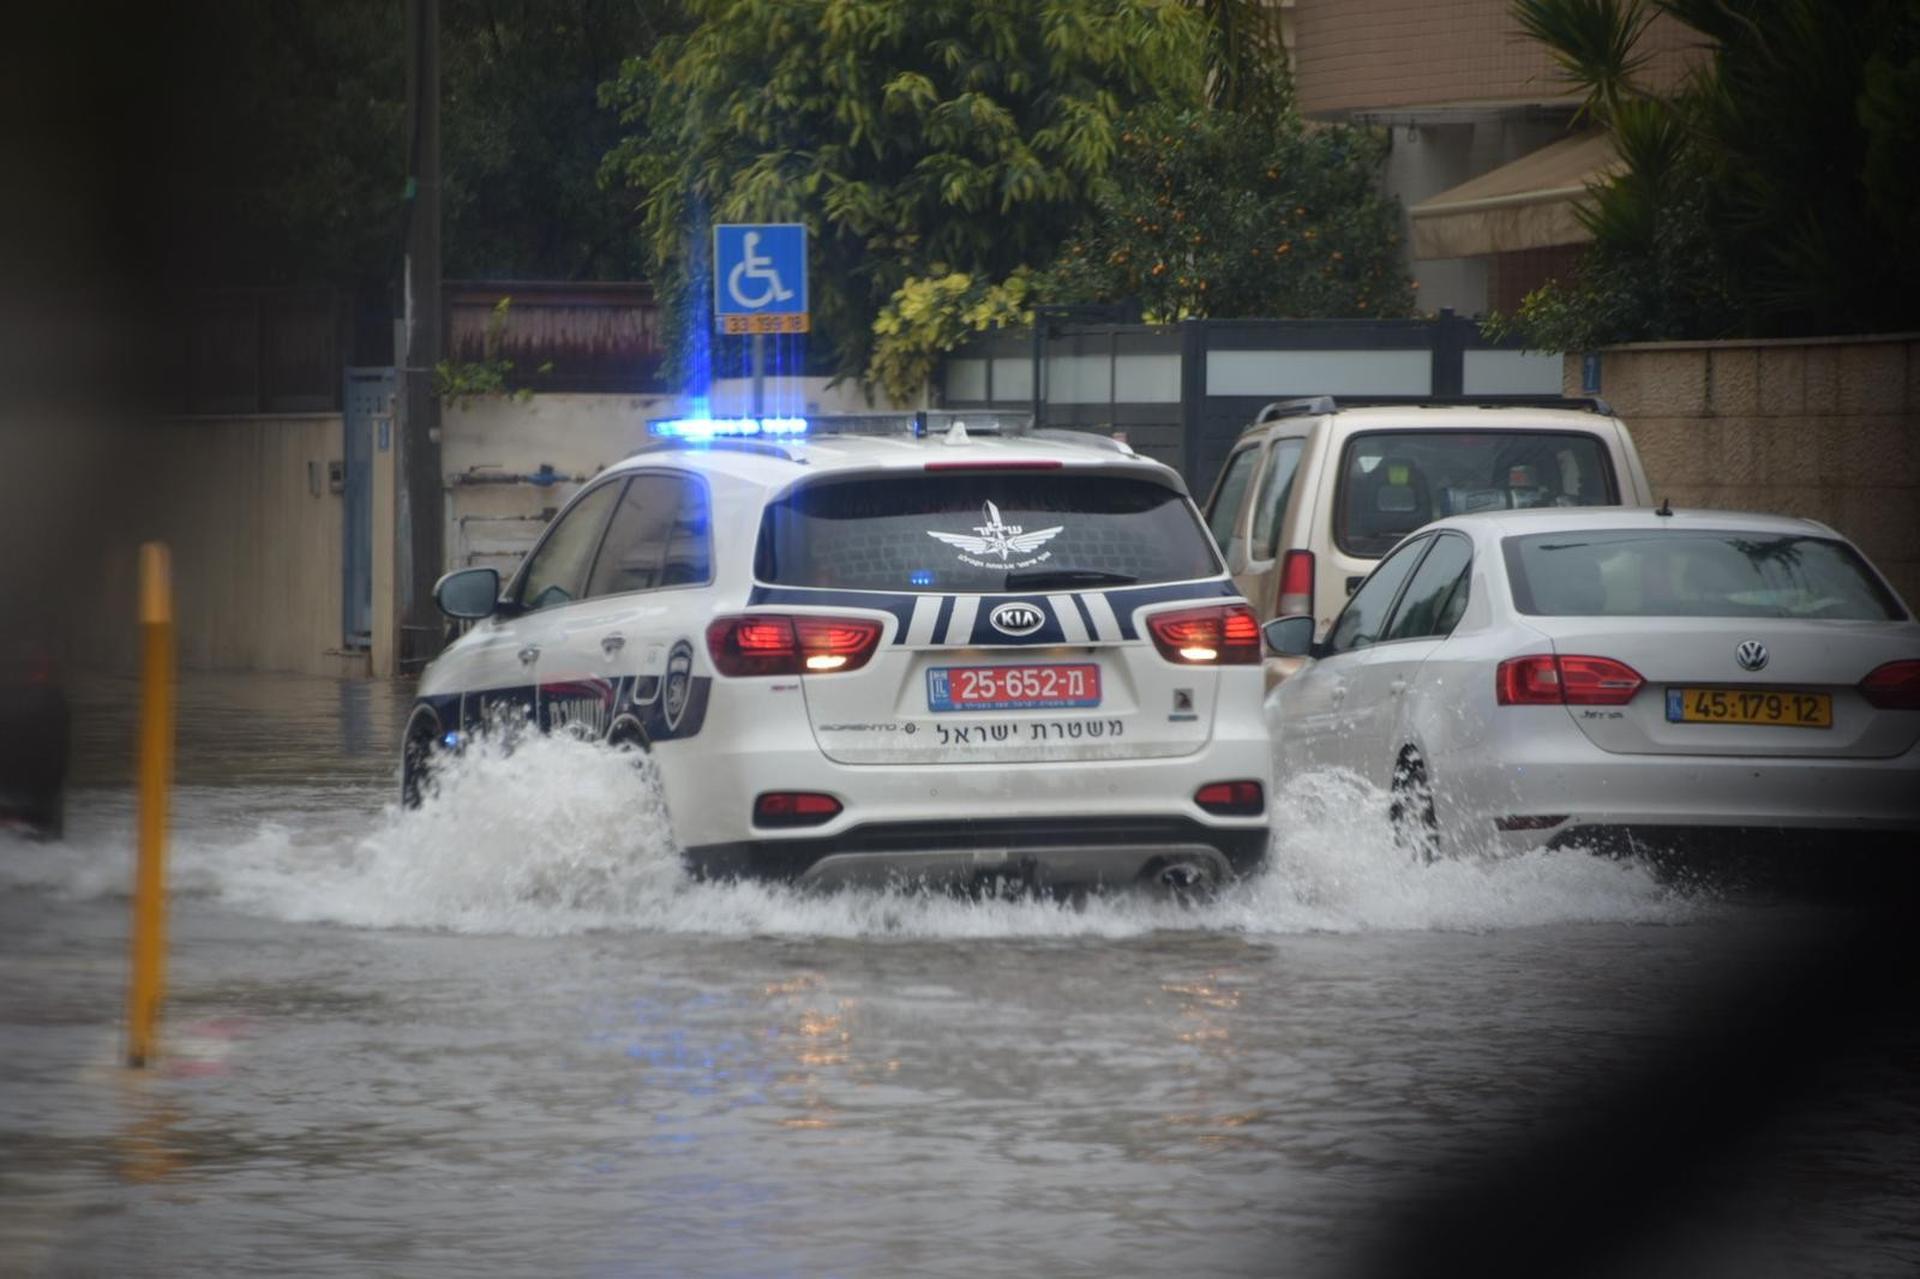 מזג אוויר סוער גם בכבישים | צילום: דוברות המשטרה